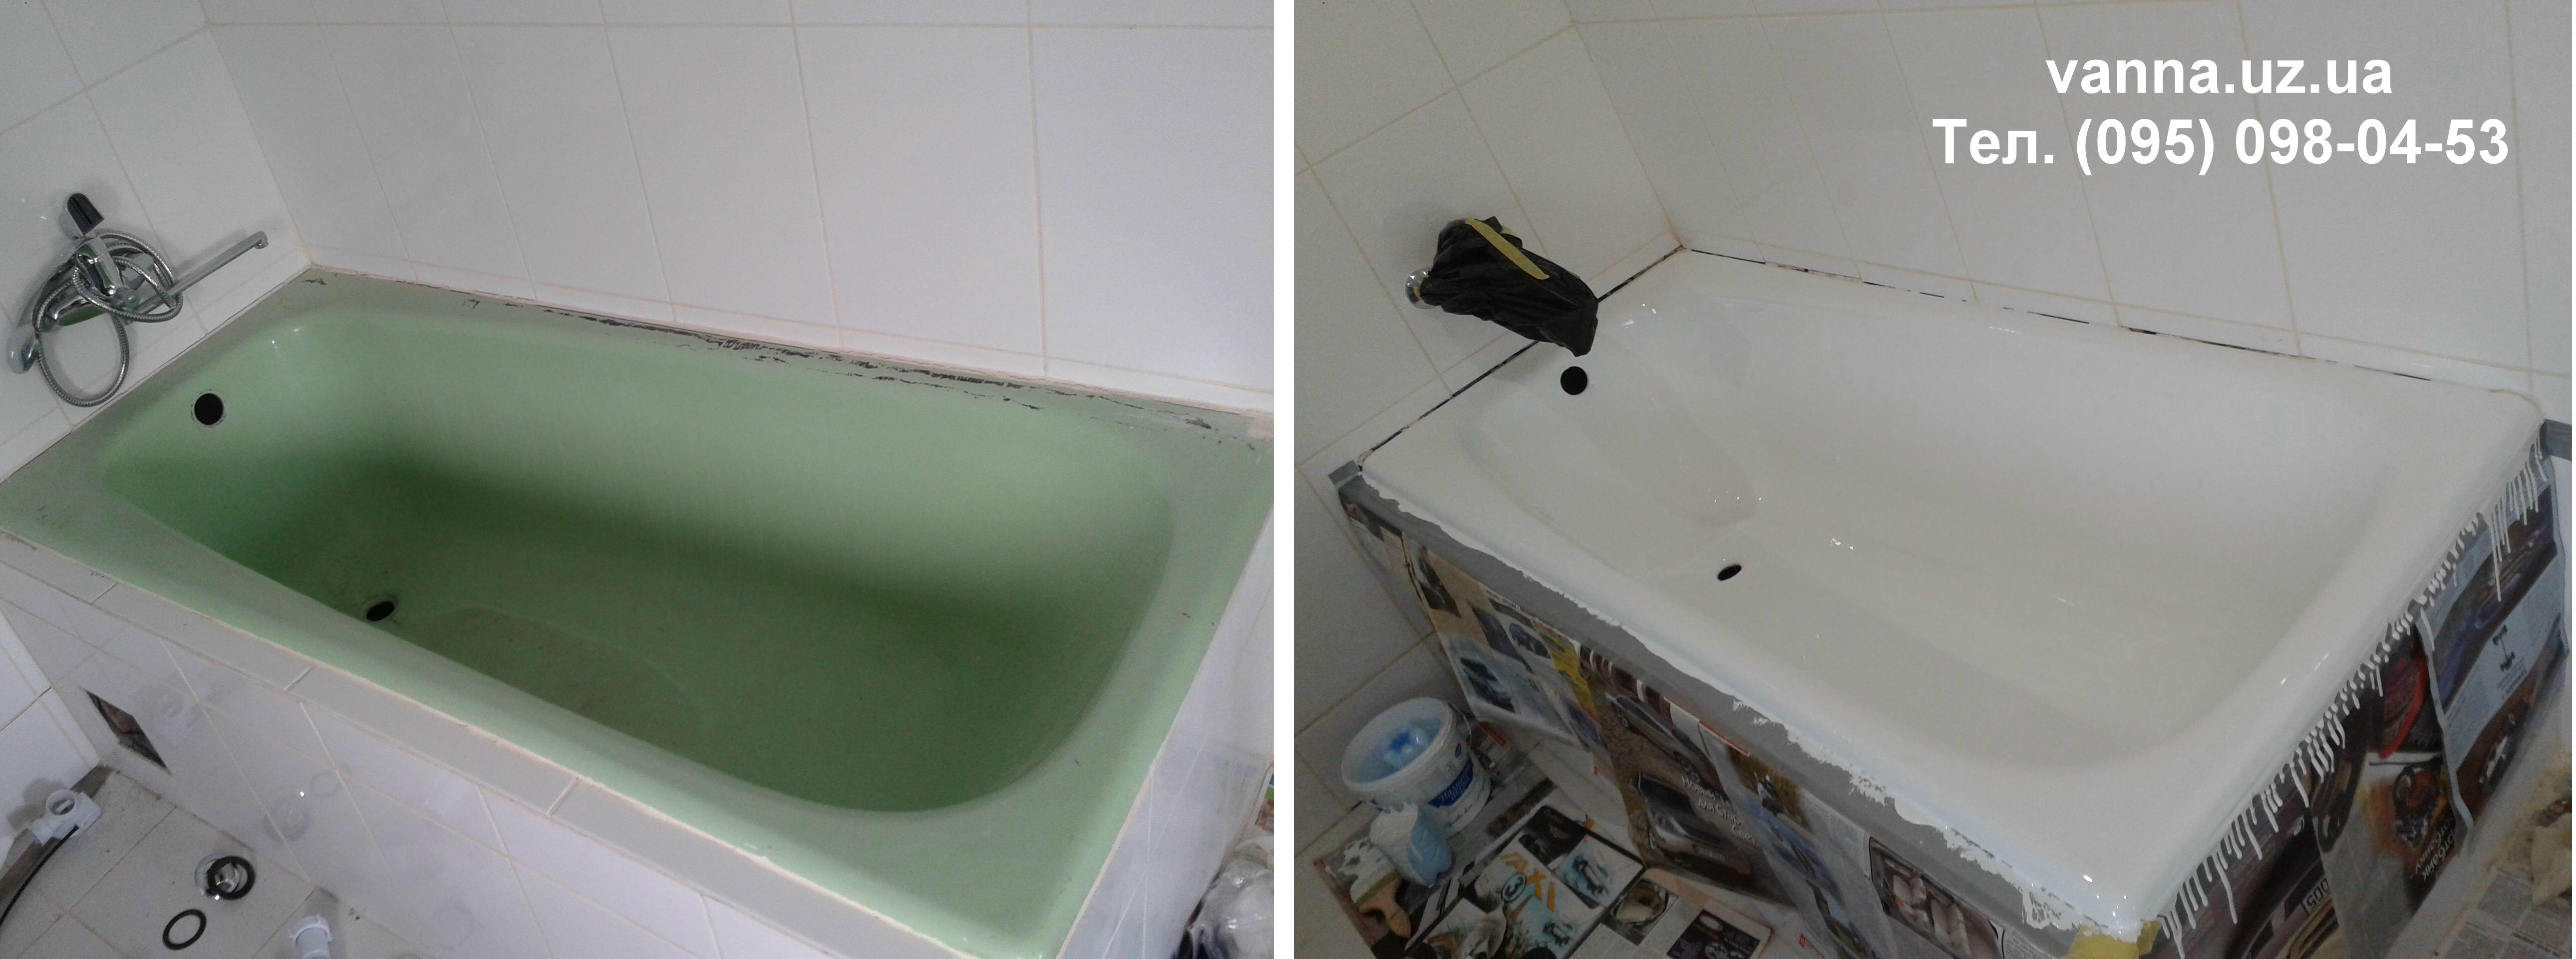 обновити ванну рідким акрилом